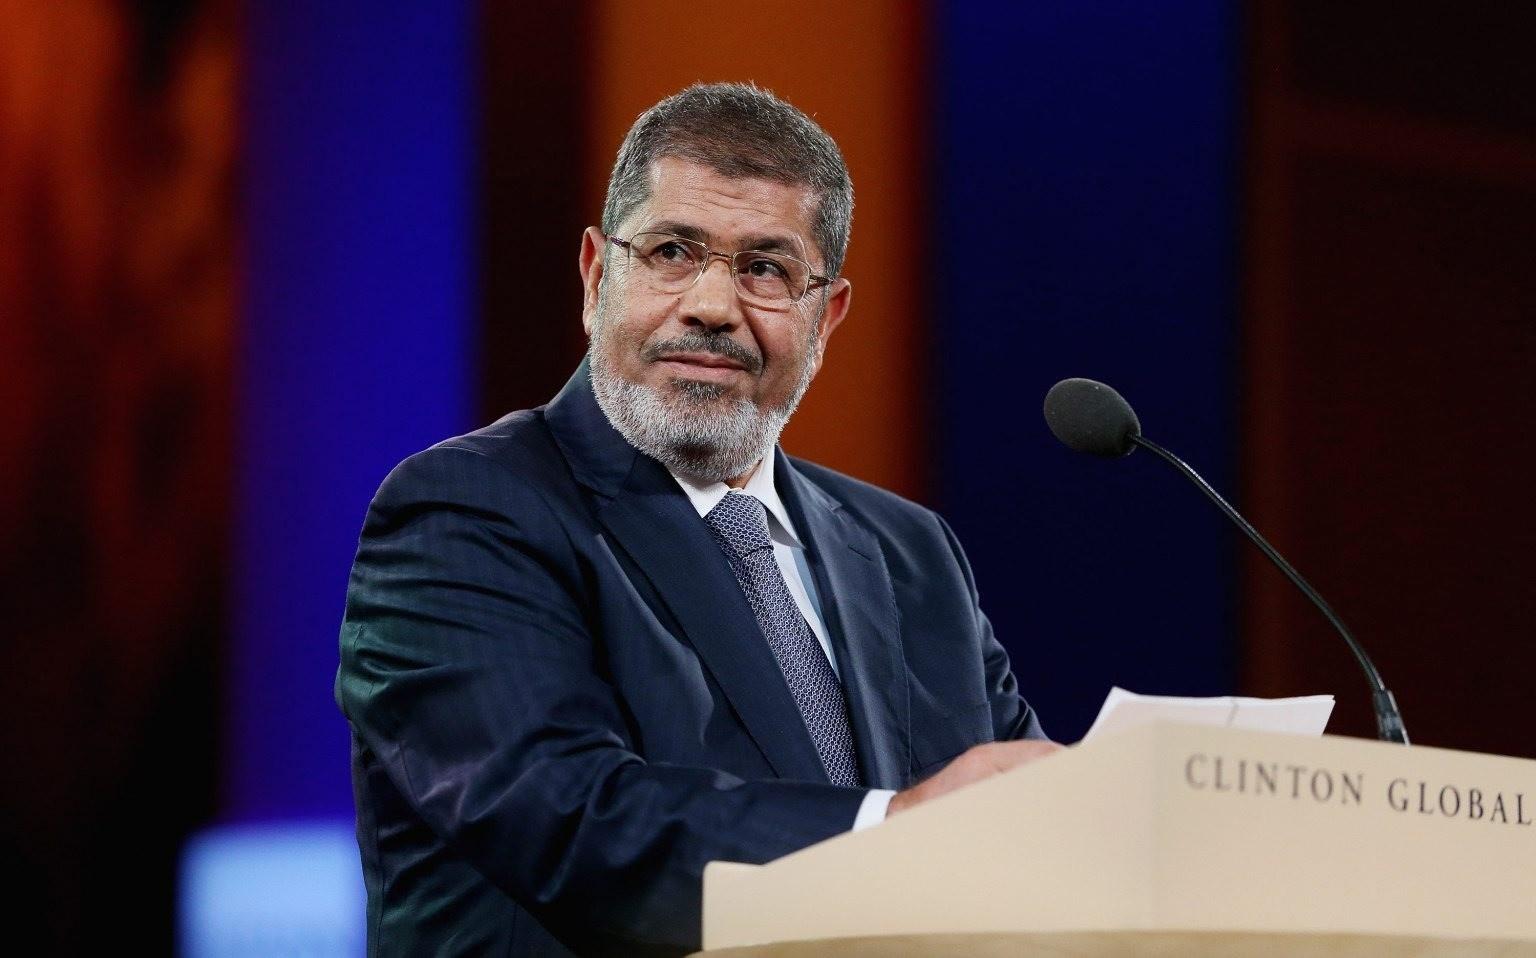 Egyptian President Mohamed Morsi speaks at the Clinton Global Initiative meeting on September 25, 2012 in New York City.